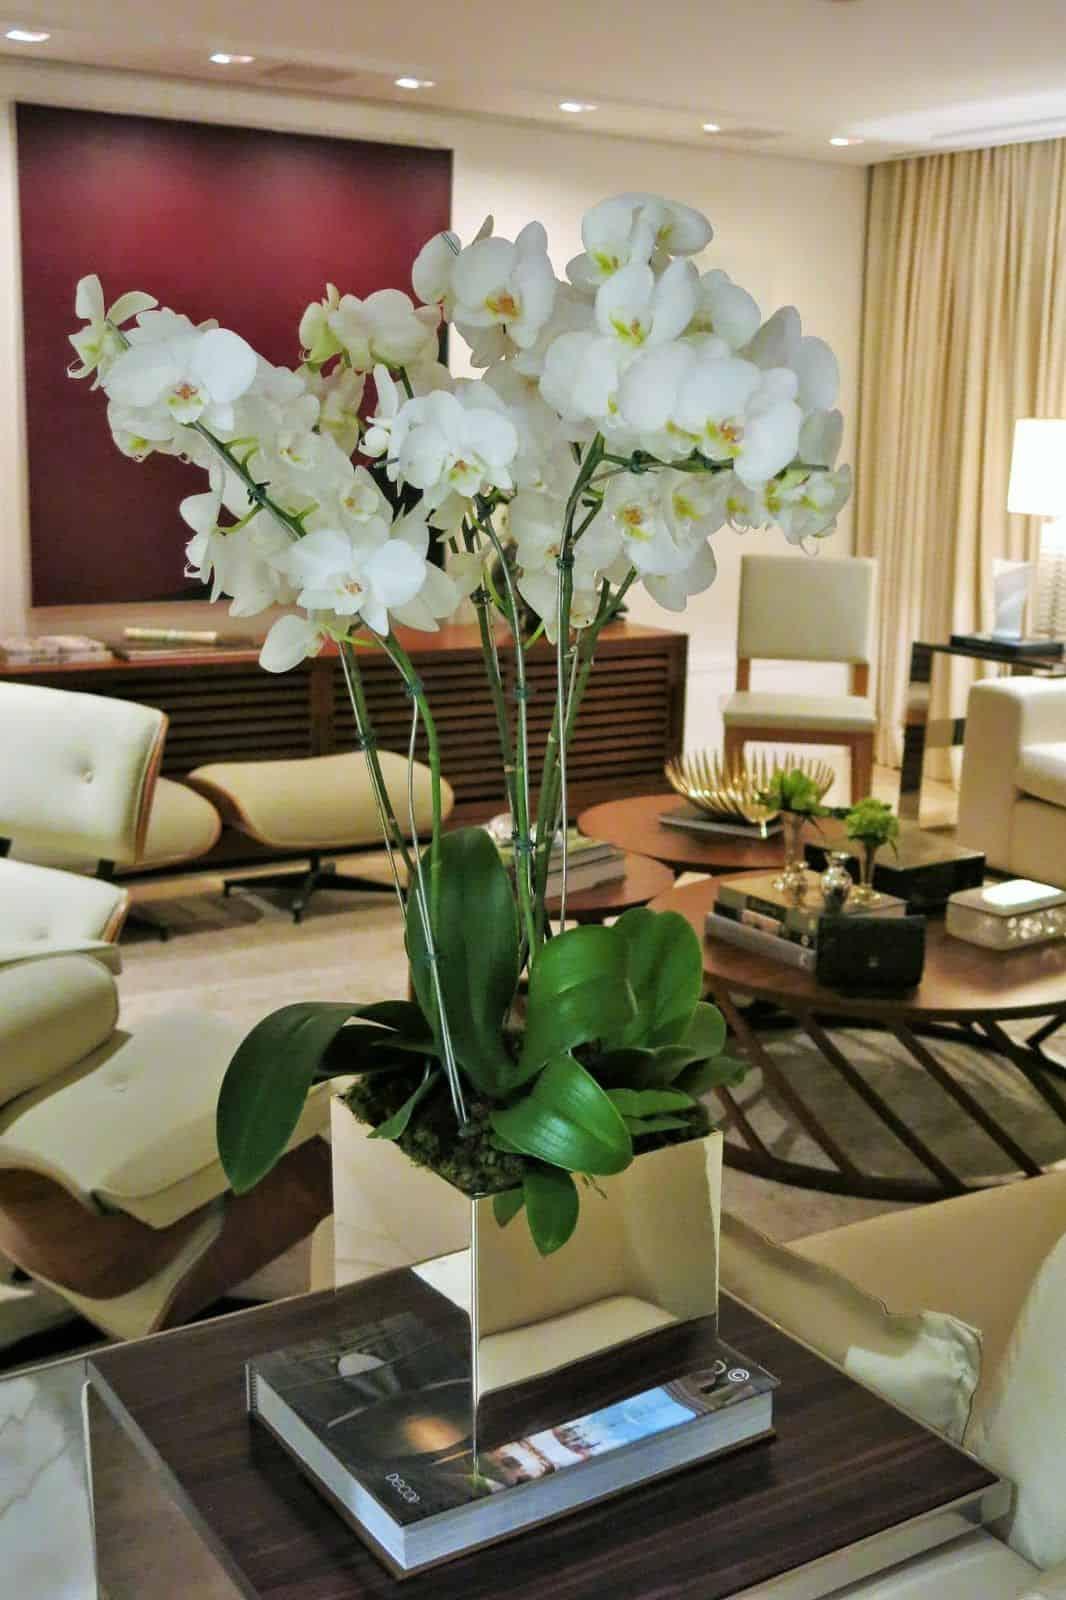 Grande vaso com várias orquídeas brancas na mesa lateral da sala.